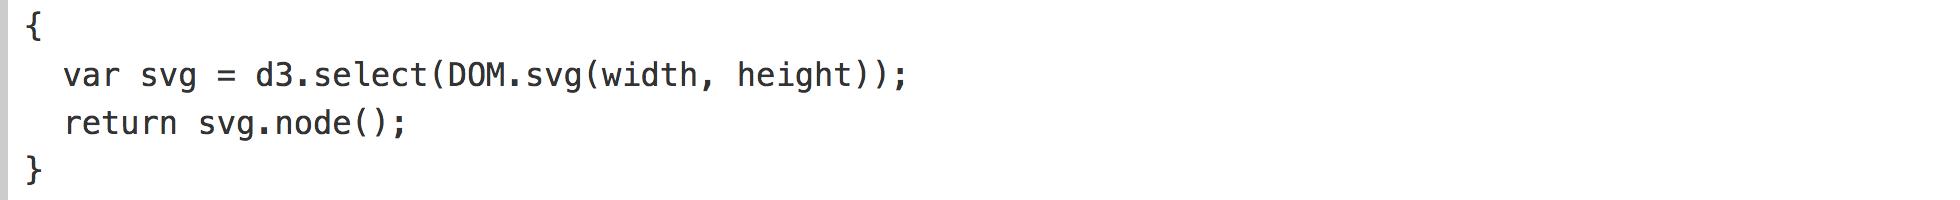 Лучший Способ Программирования (Better way To Code) - 14